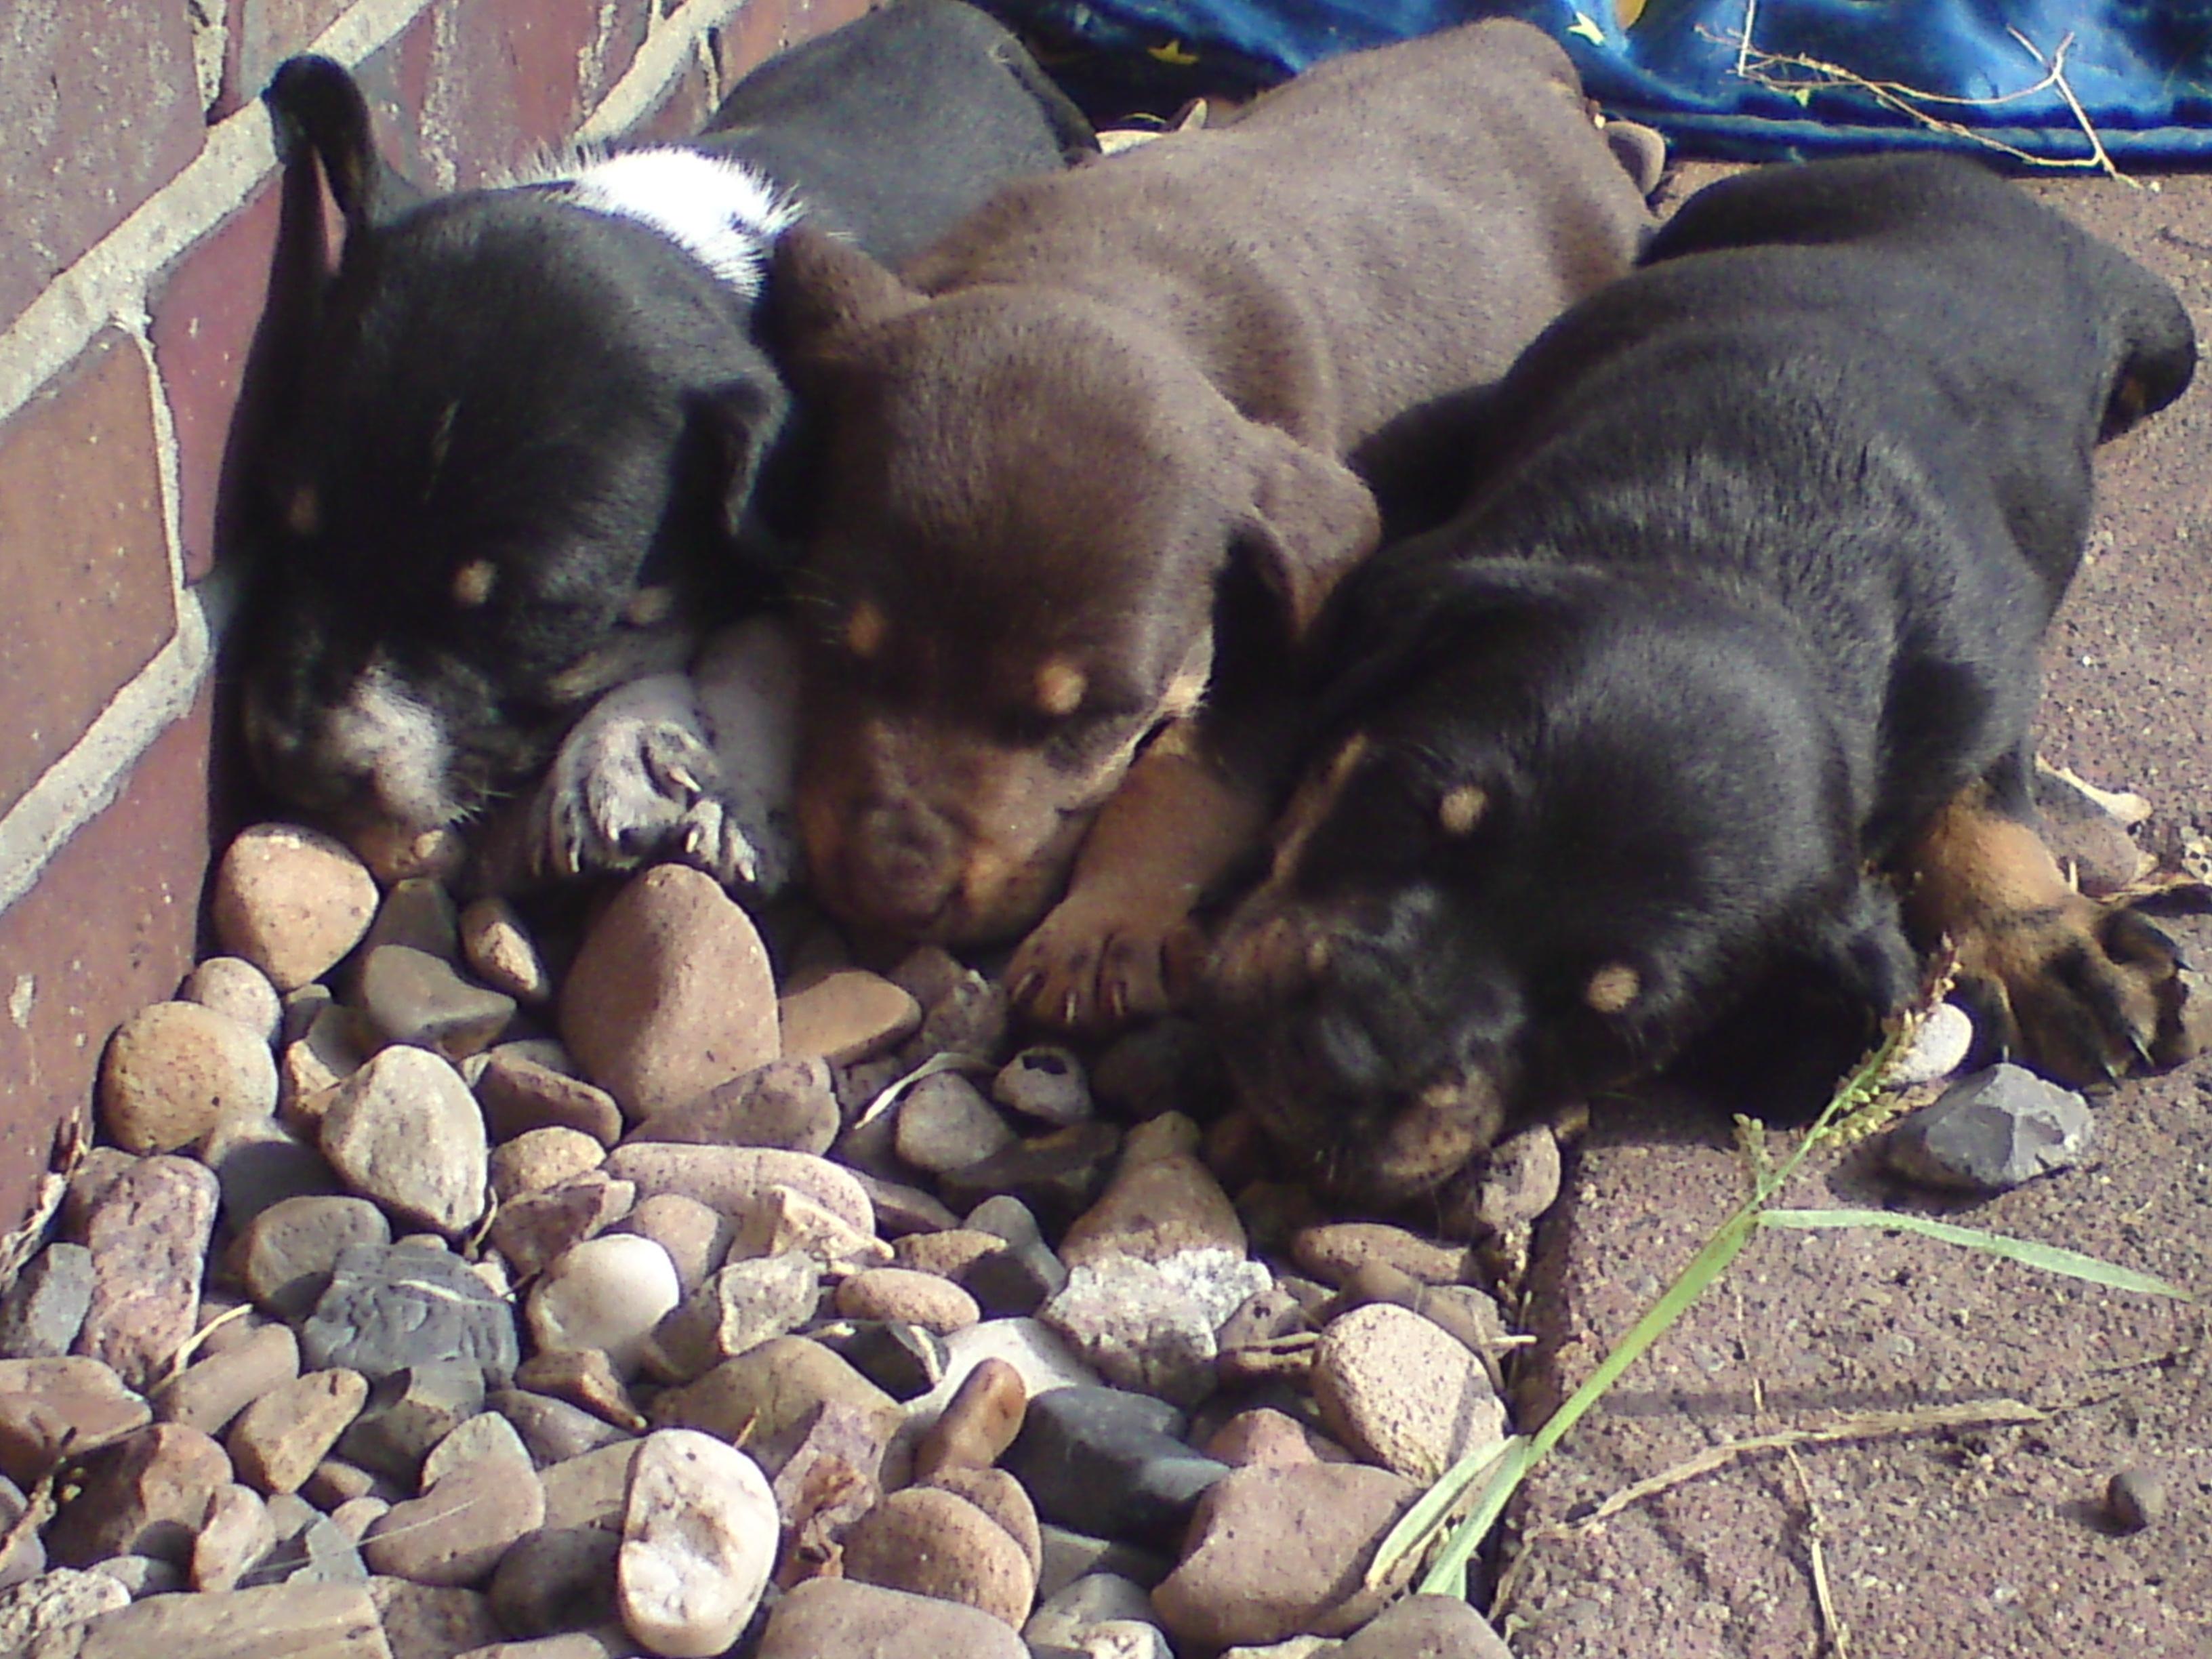 Teakholz Gartenmobel Wachsen : welpen 8wochen jung zu verkaufen hallo ich habe 5 kleine welpen zu